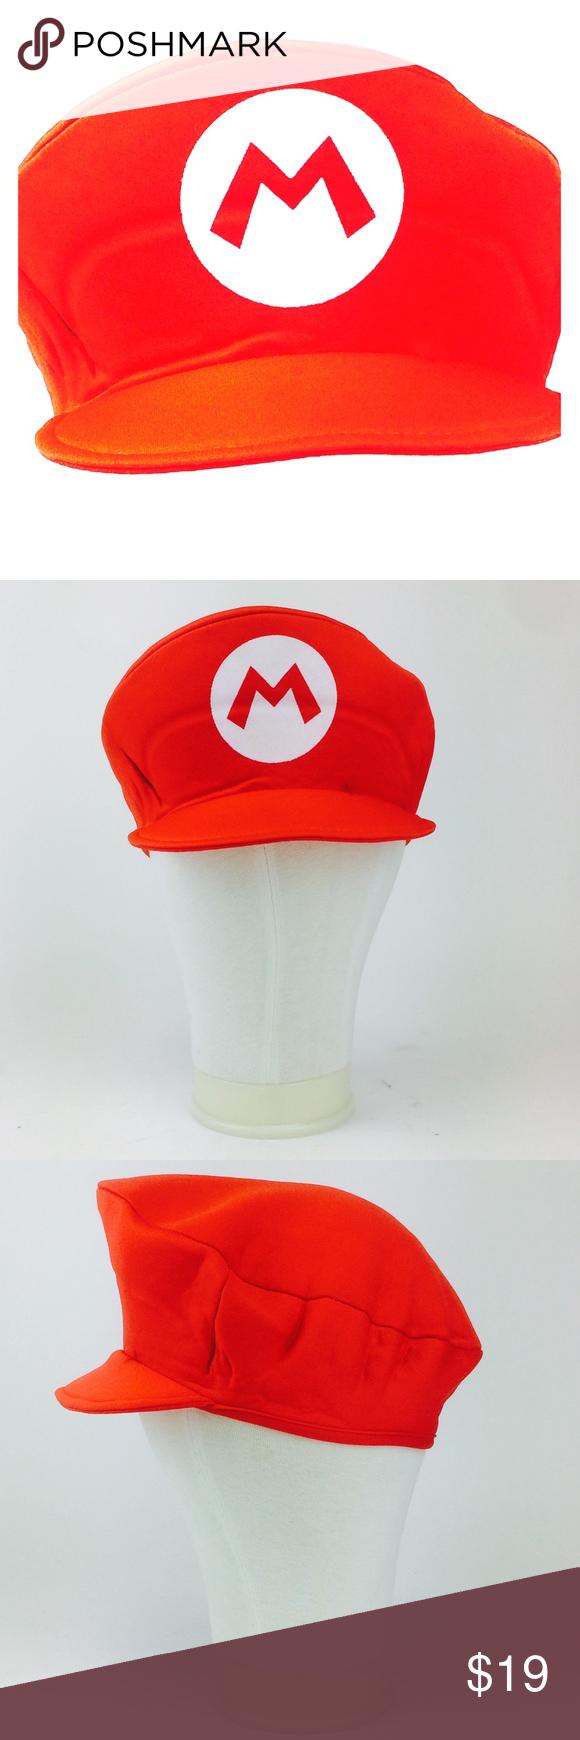 Mario Super Mario Red Costume Hat Red Costume Costume Hats Costumes